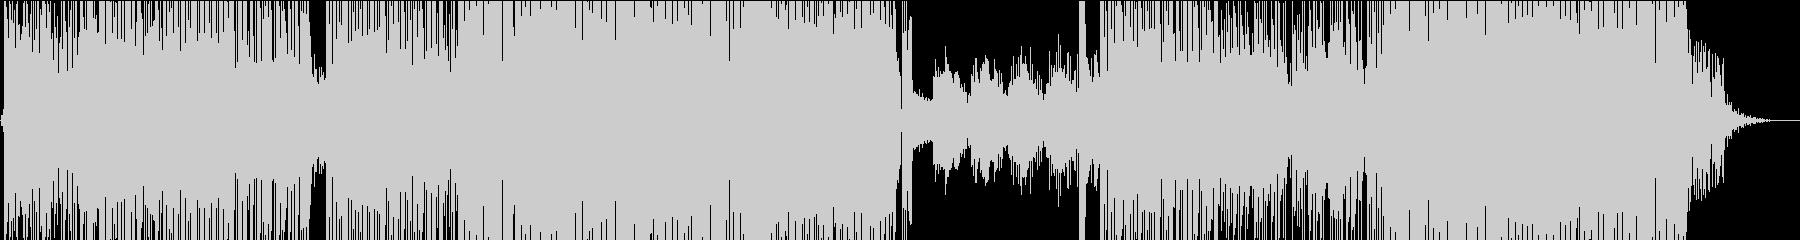 昭和歌謡の香りがするほのぼのEDMの未再生の波形